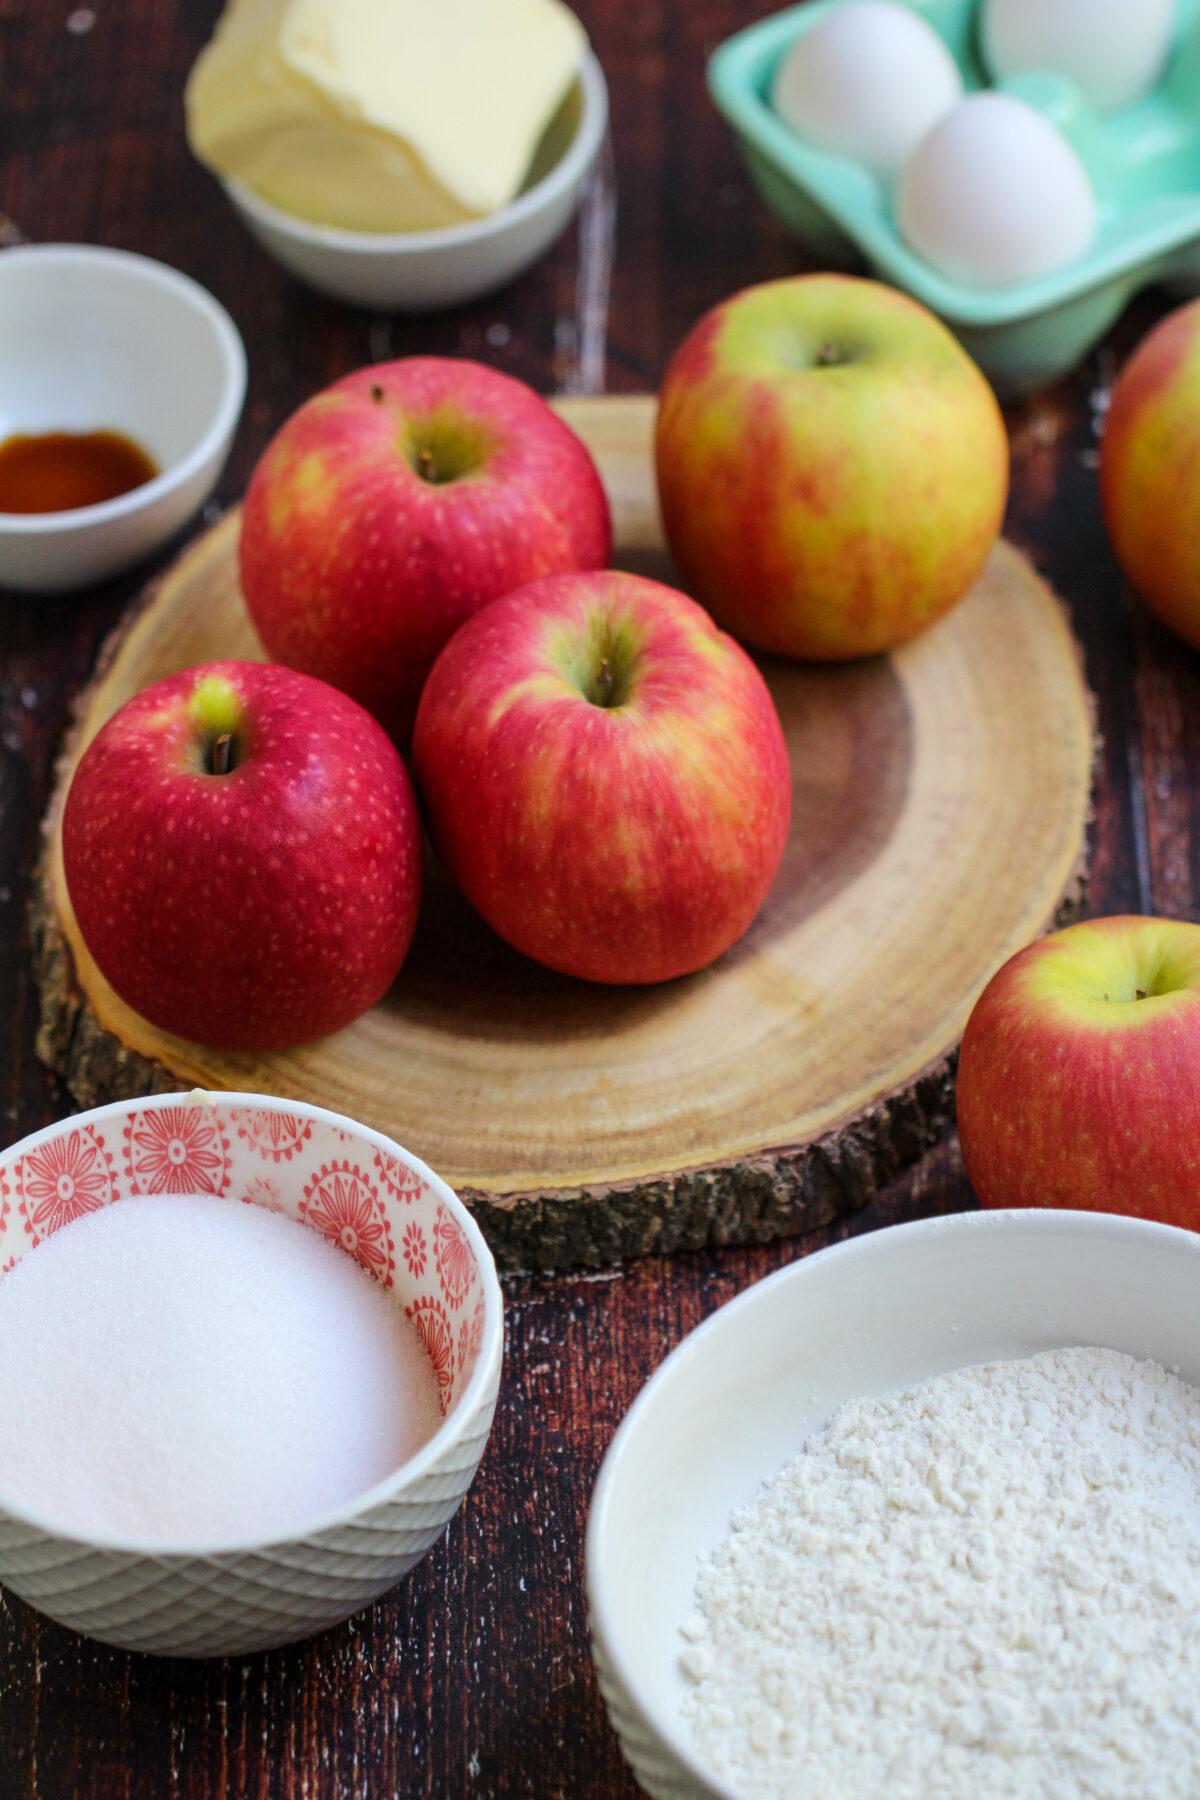 Ingredients for German Apple Cake